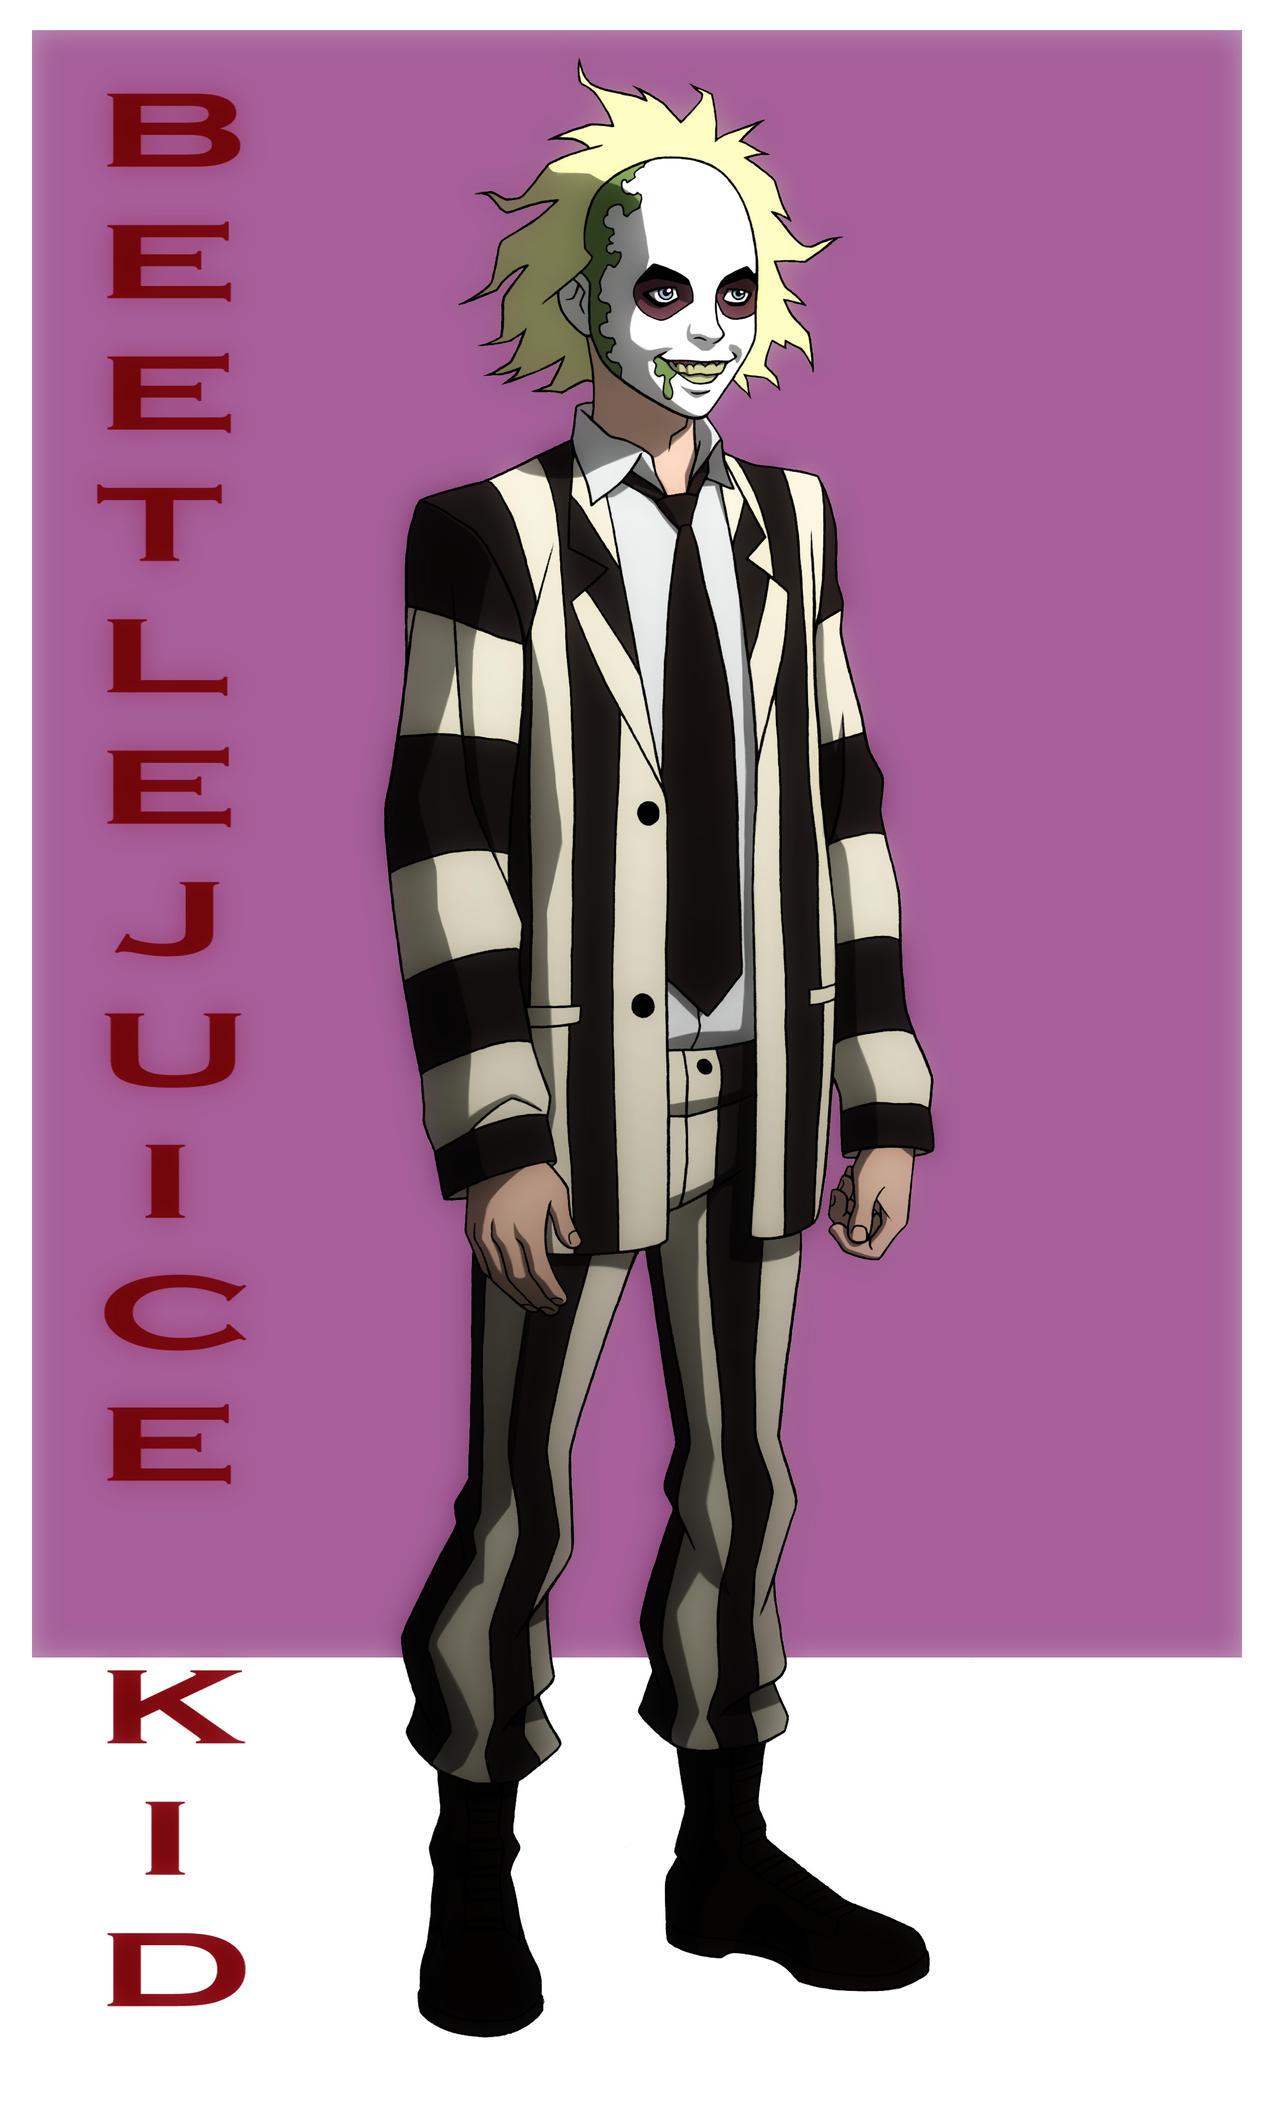 Yj Beetlejuice Kid Crf By Jerome K Moore On Deviantart